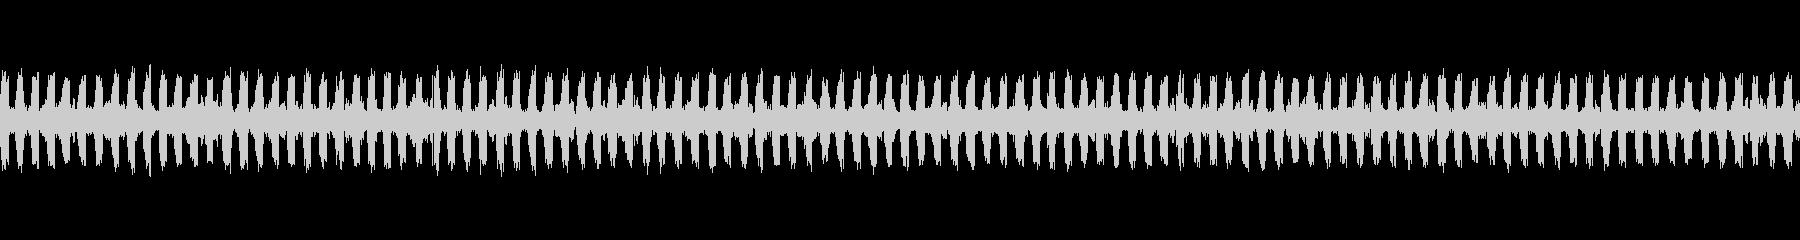 [秋の夜長] 虫の音-ツヅレサセコオロギの未再生の波形